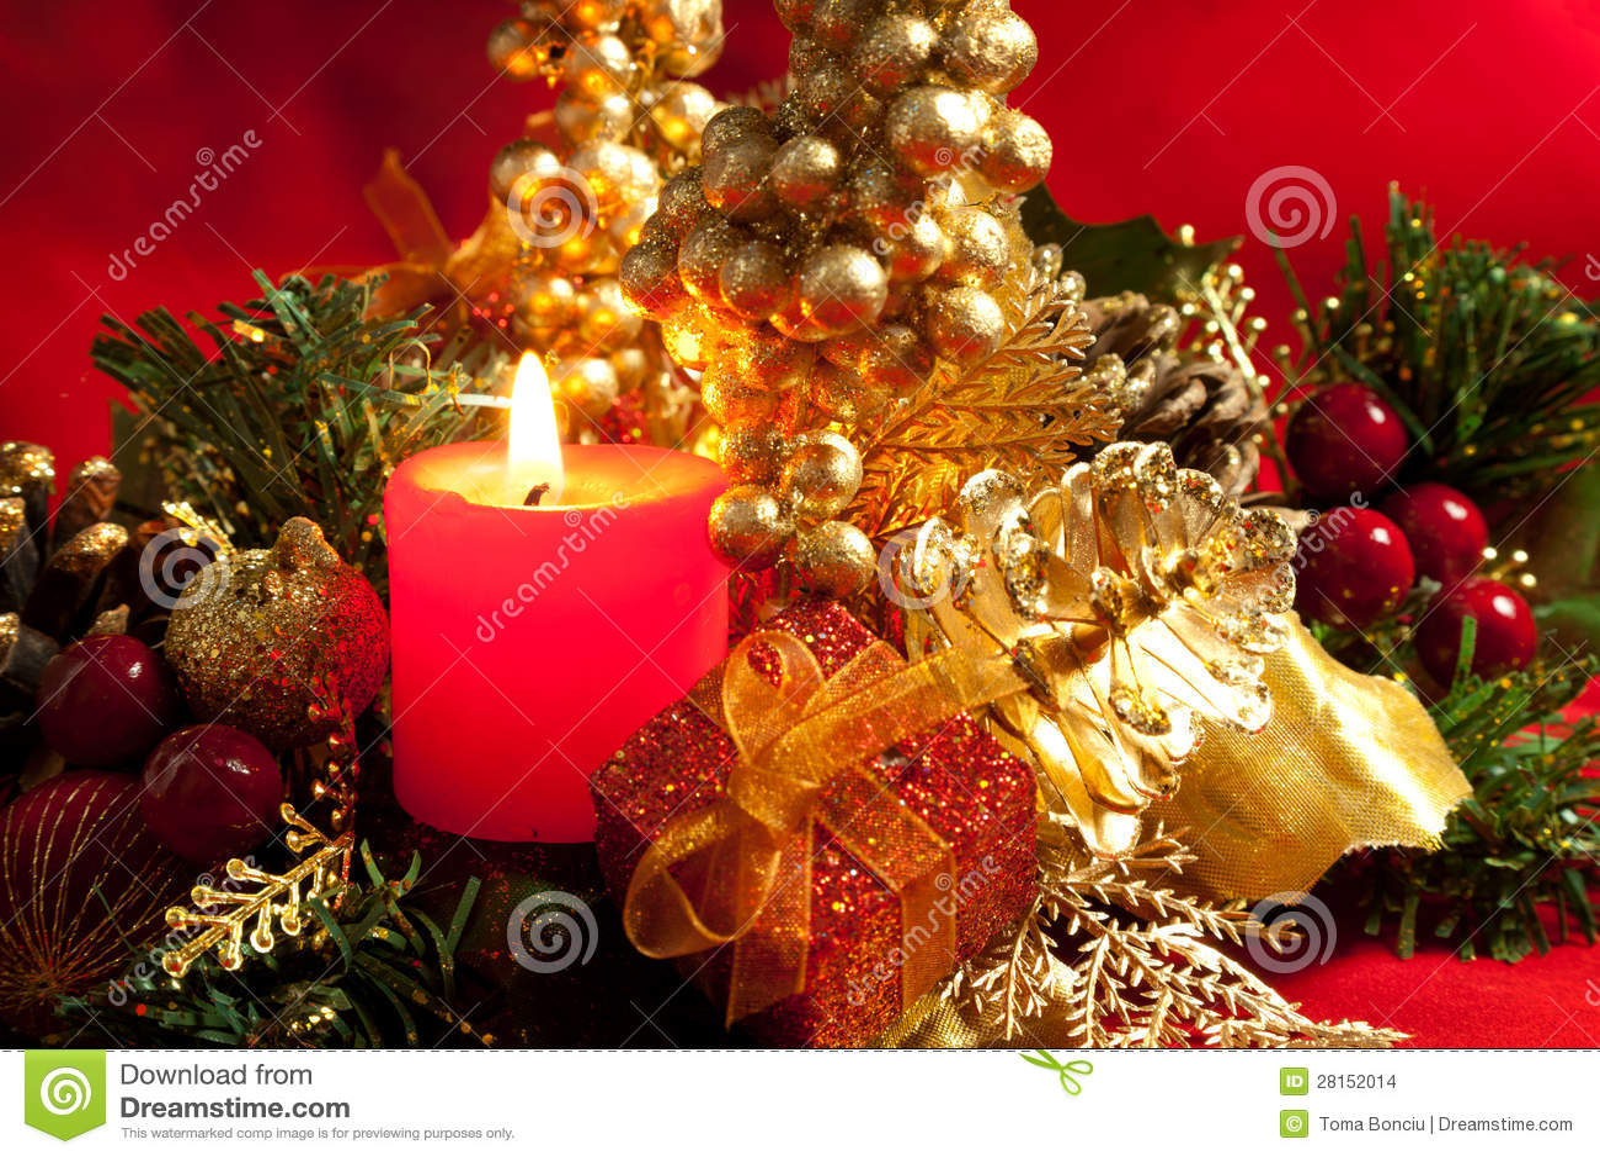 Decoraciones de la navidad con una vela stock de - Decoracion de navidad con velas ...